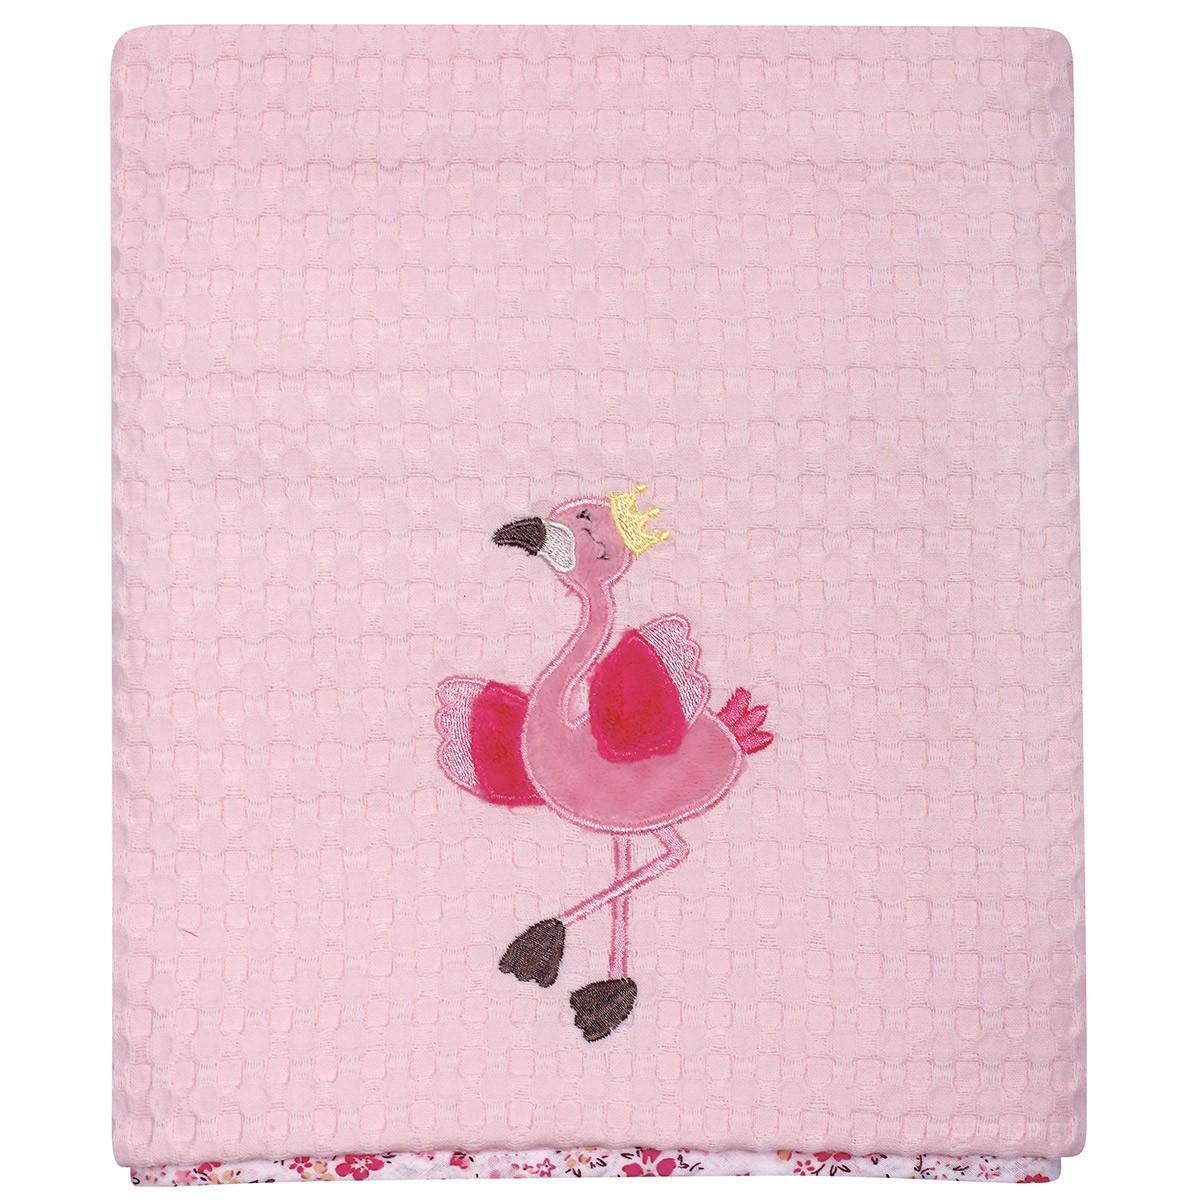 Κουβέρτα Πικέ Αγκαλιάς Das Home Dream Embroidery 6464